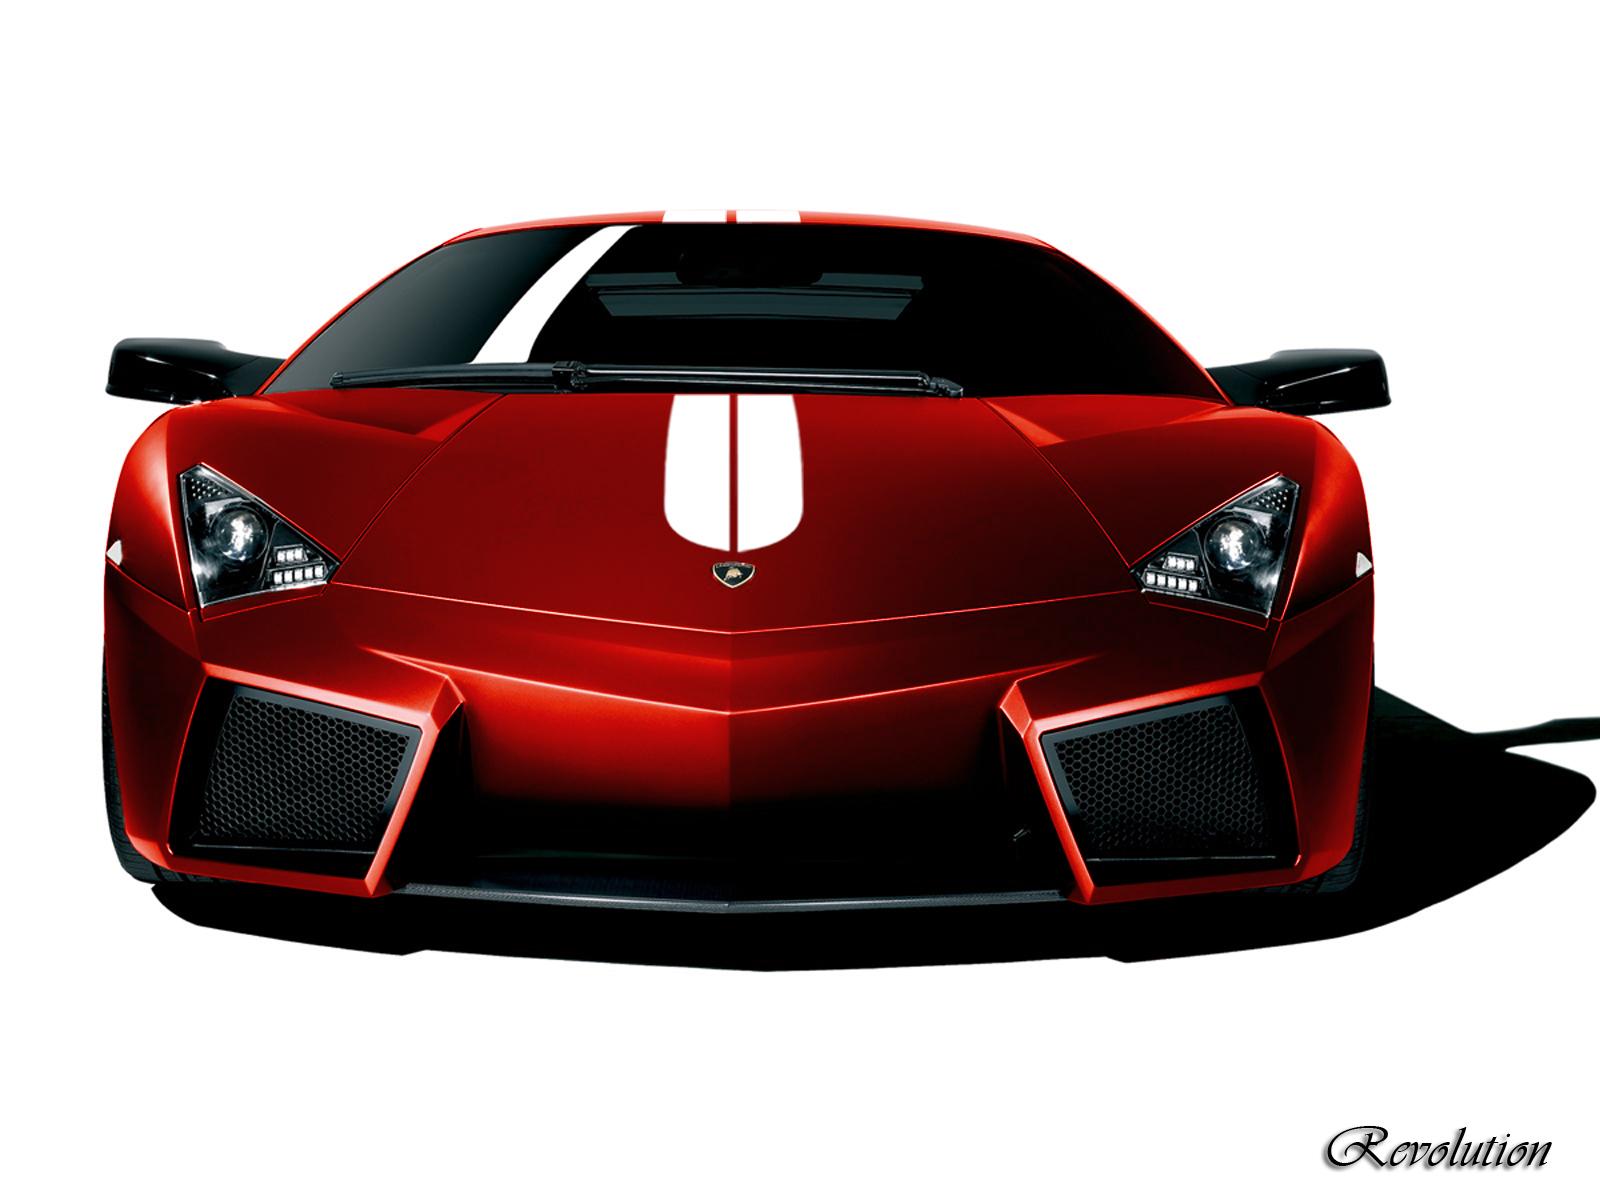 red lamborghini reventon wallpaper | Cool Car Wallpapers